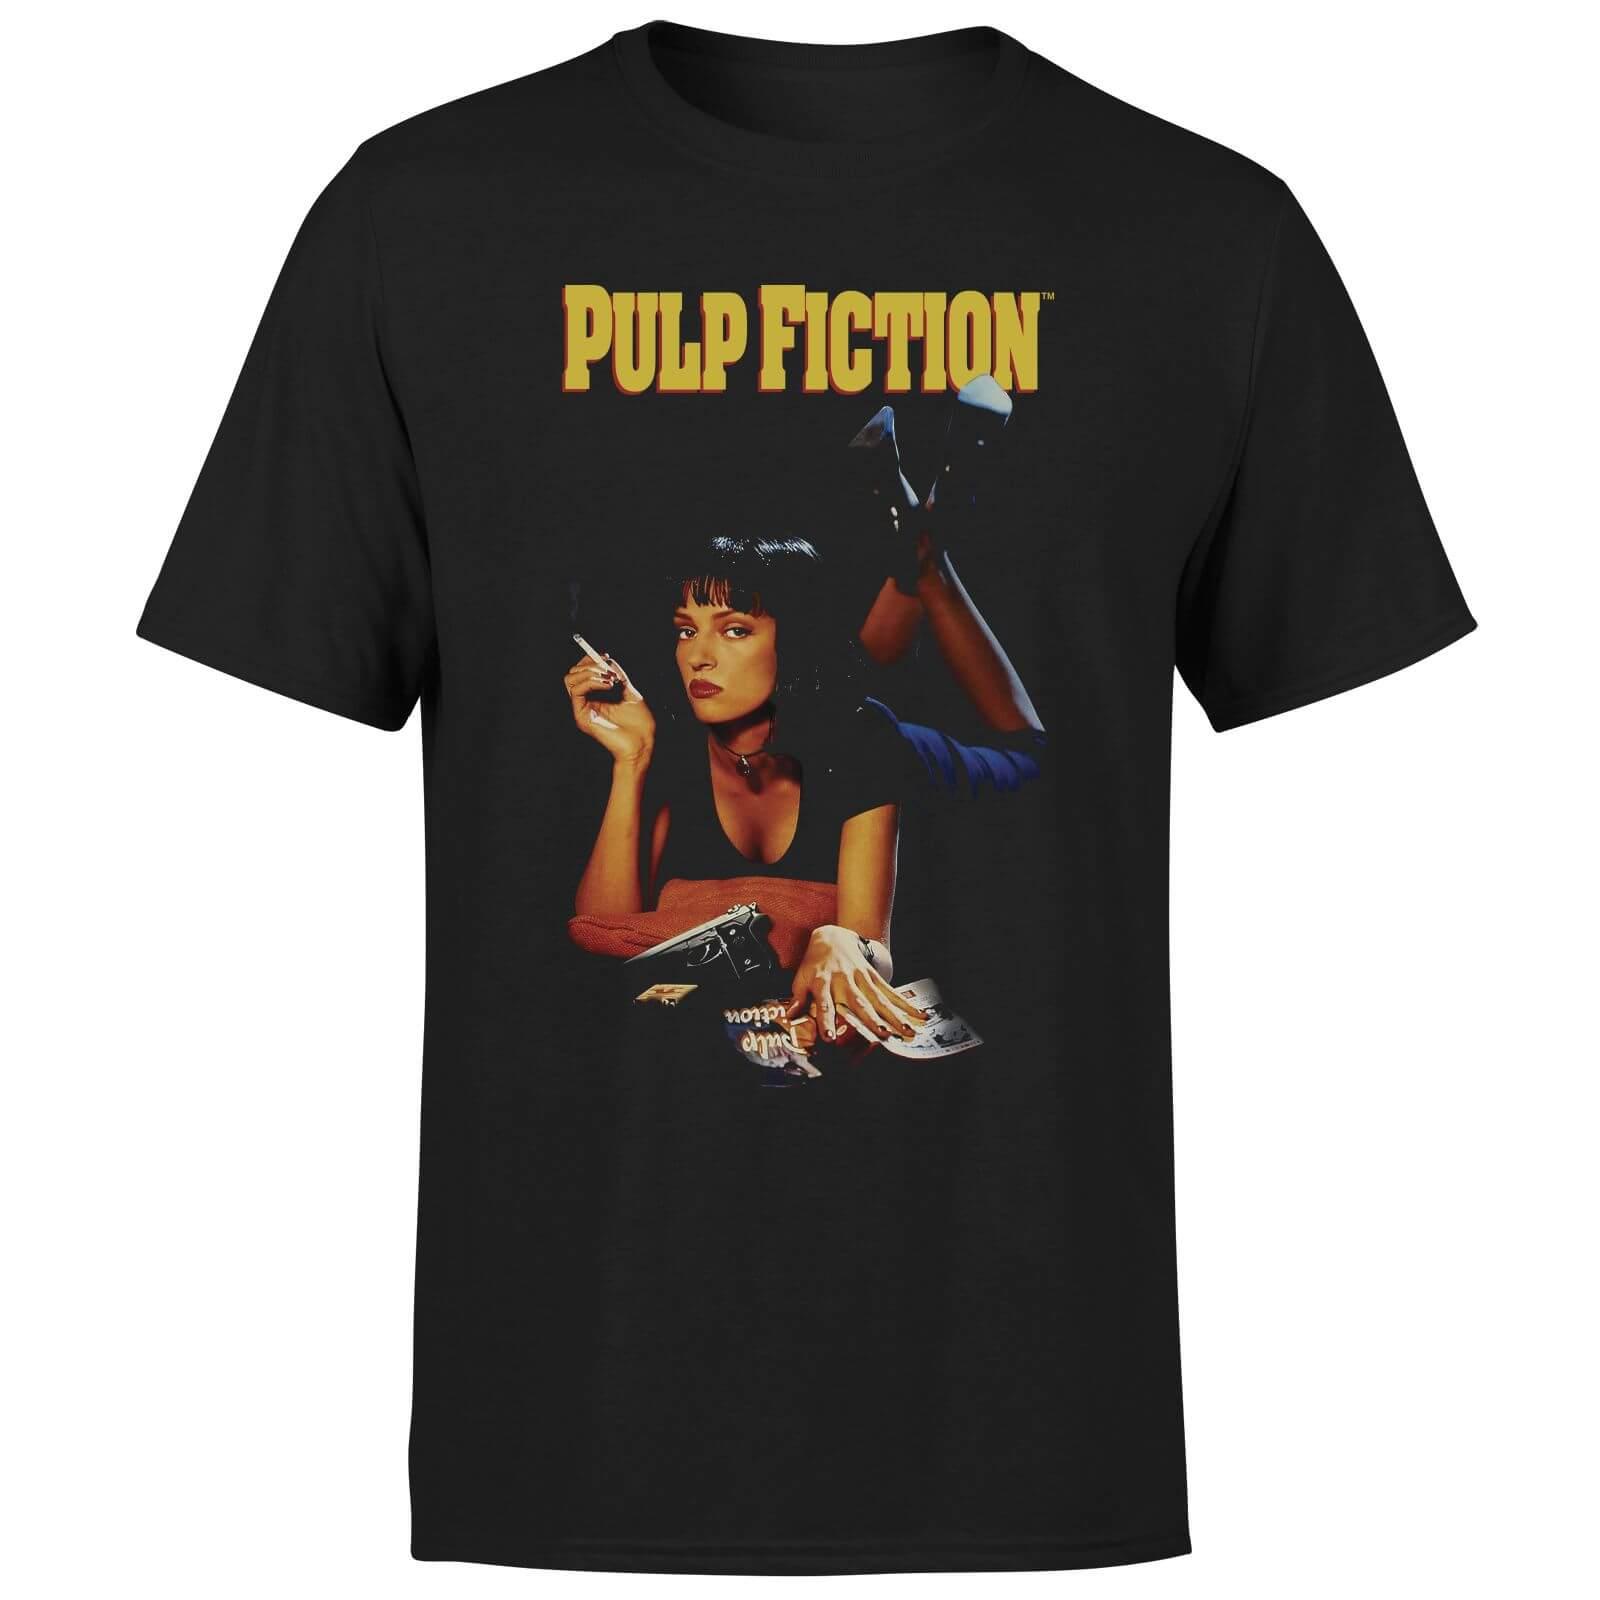 Pulp Fiction Herren T-Shirt für 10,99€ inkl. Versand (Mygeekbox)